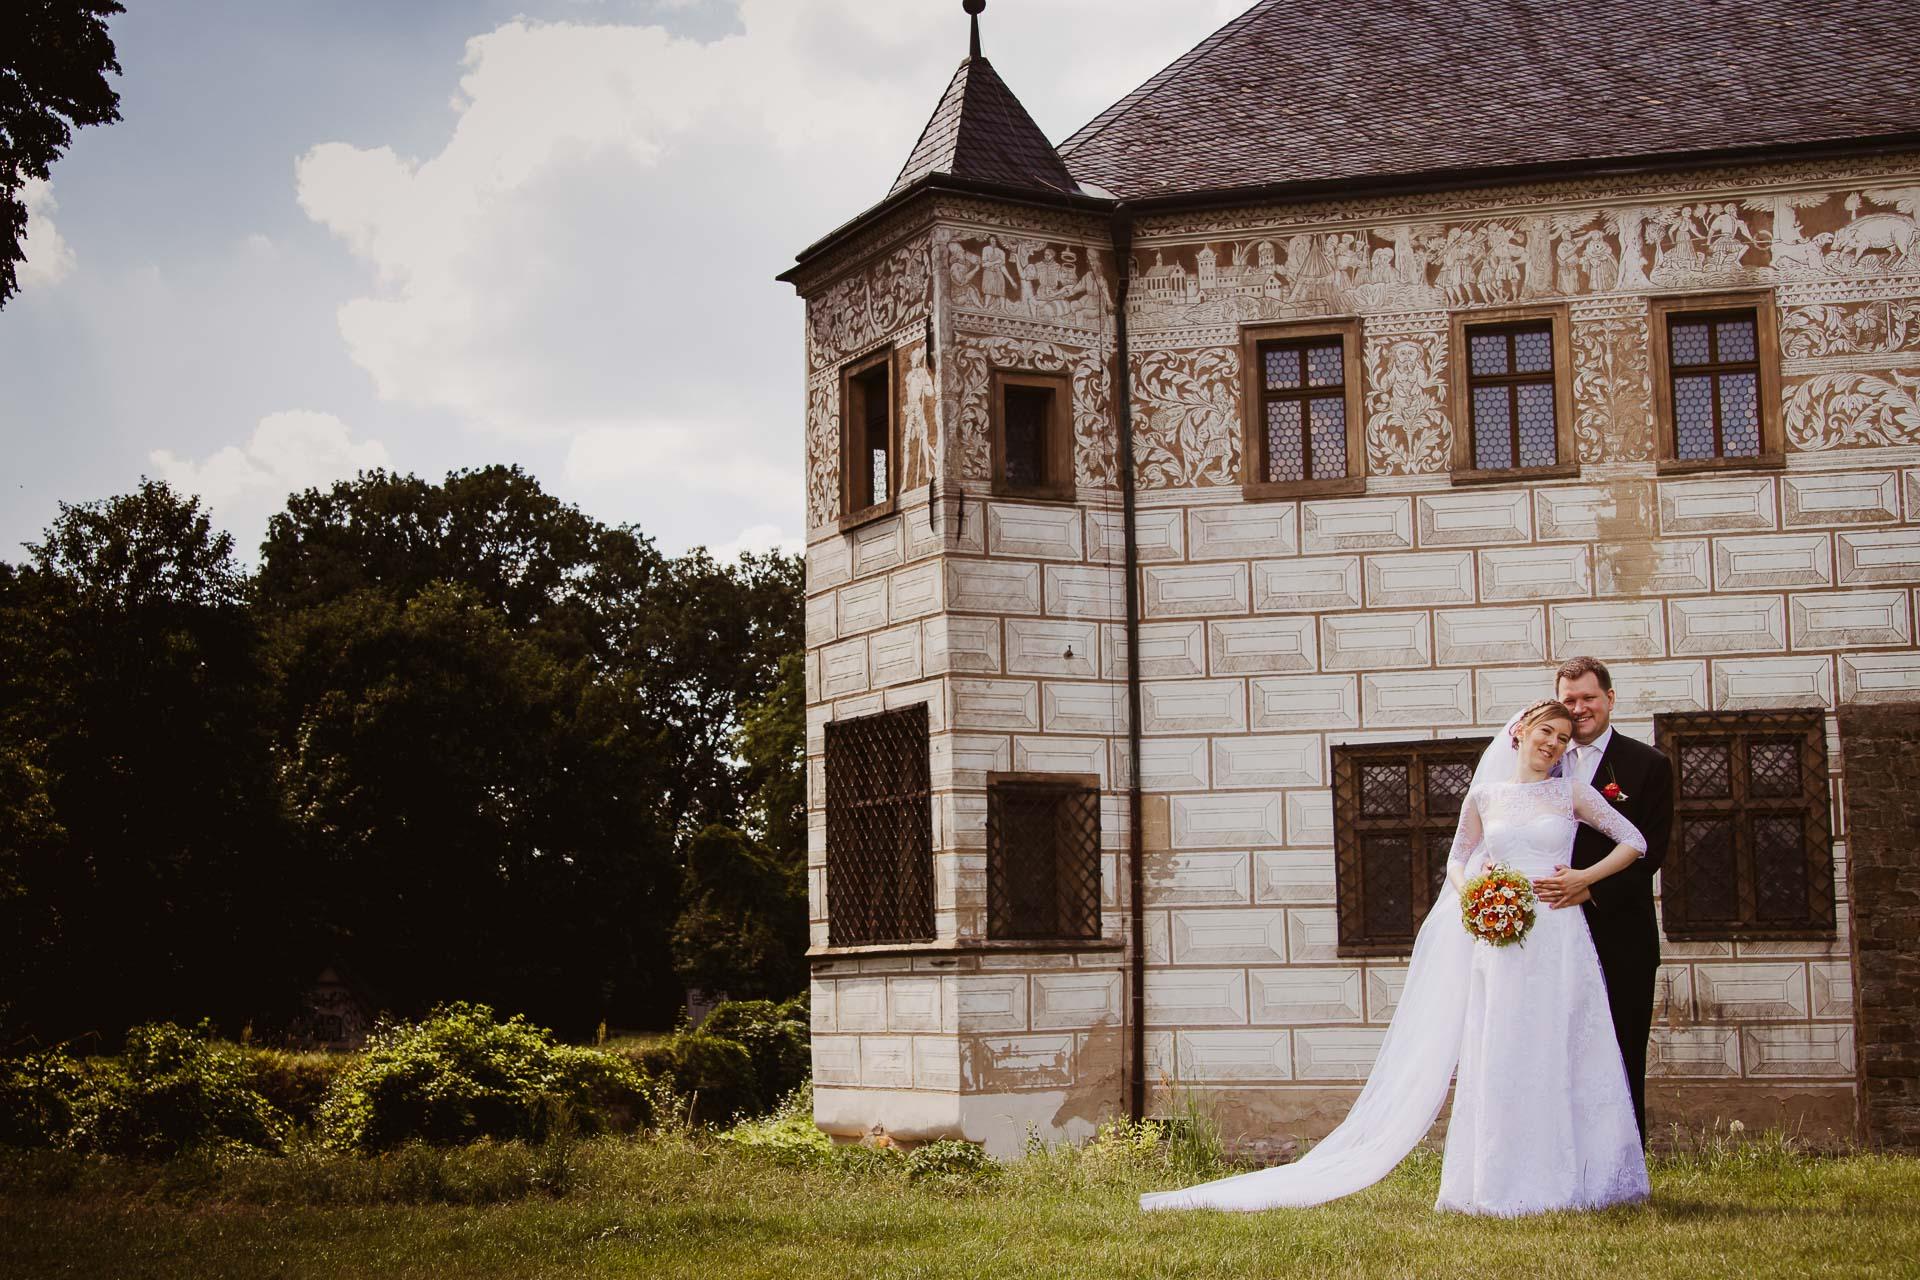 svatební fotograf Lysá nad Labem, penzion Polabí Přerov nad Labem, letní svatba-235